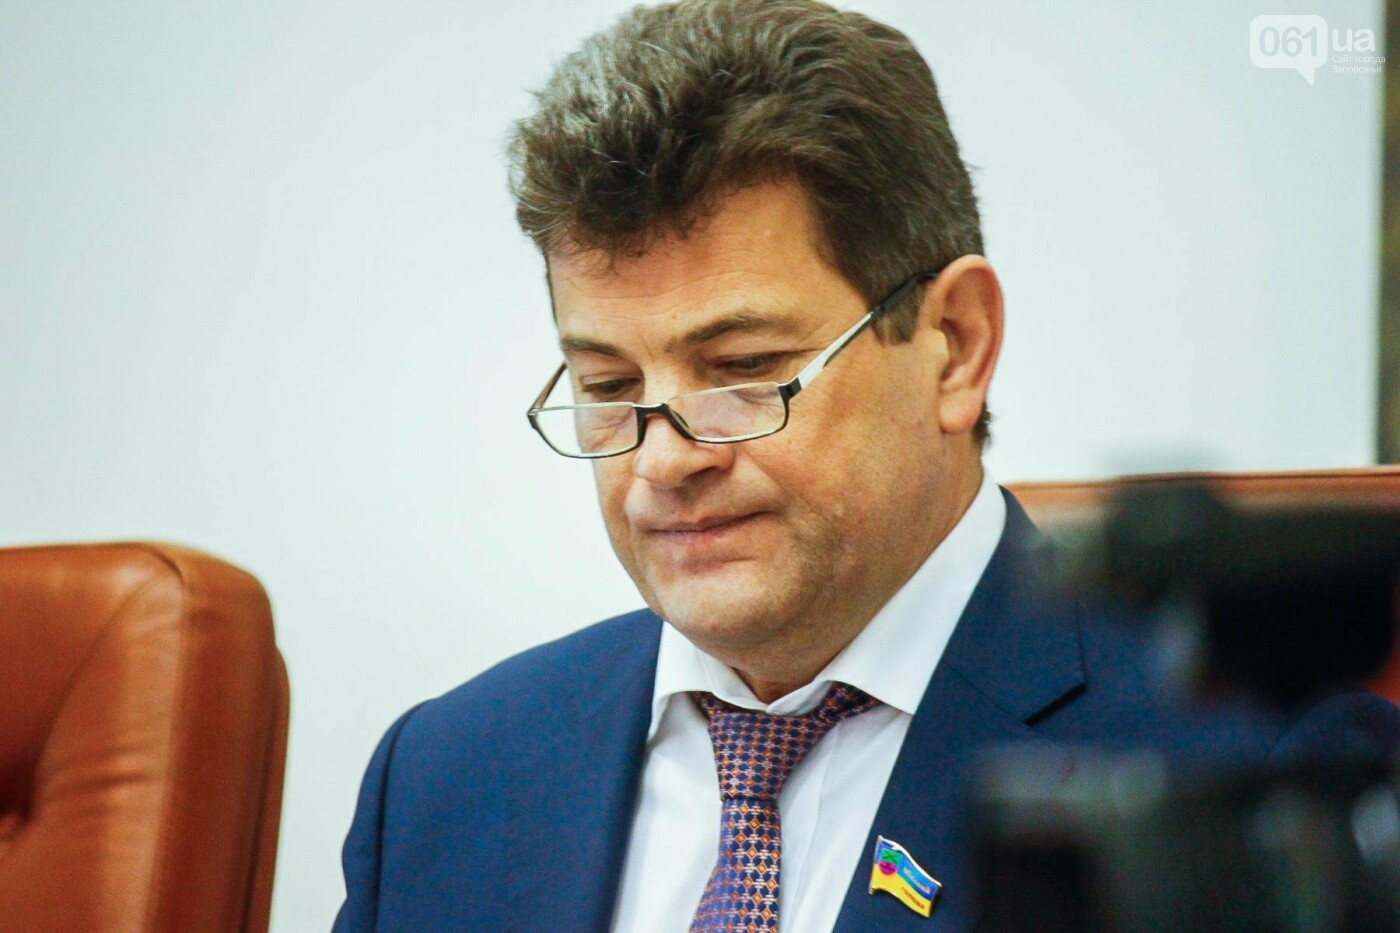 Сессия запорожского горсовета в лицах, - ФОТОРЕПОРТАЖ, фото-4